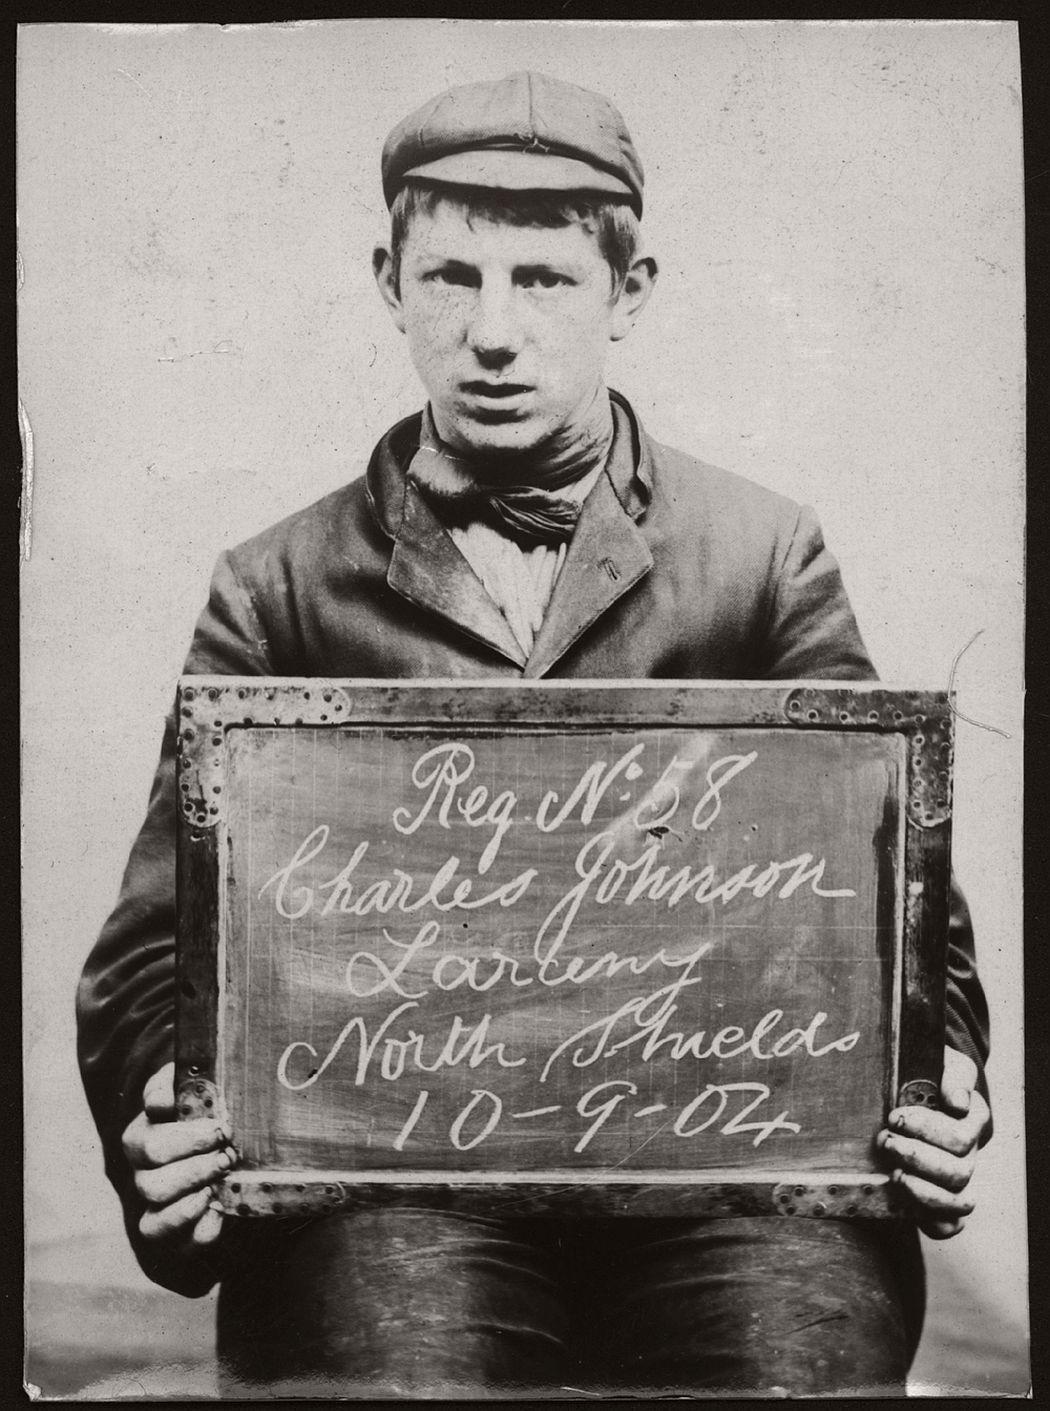 vintage-mug-shot-of-criminals-from-north-shields-1902-1905-03